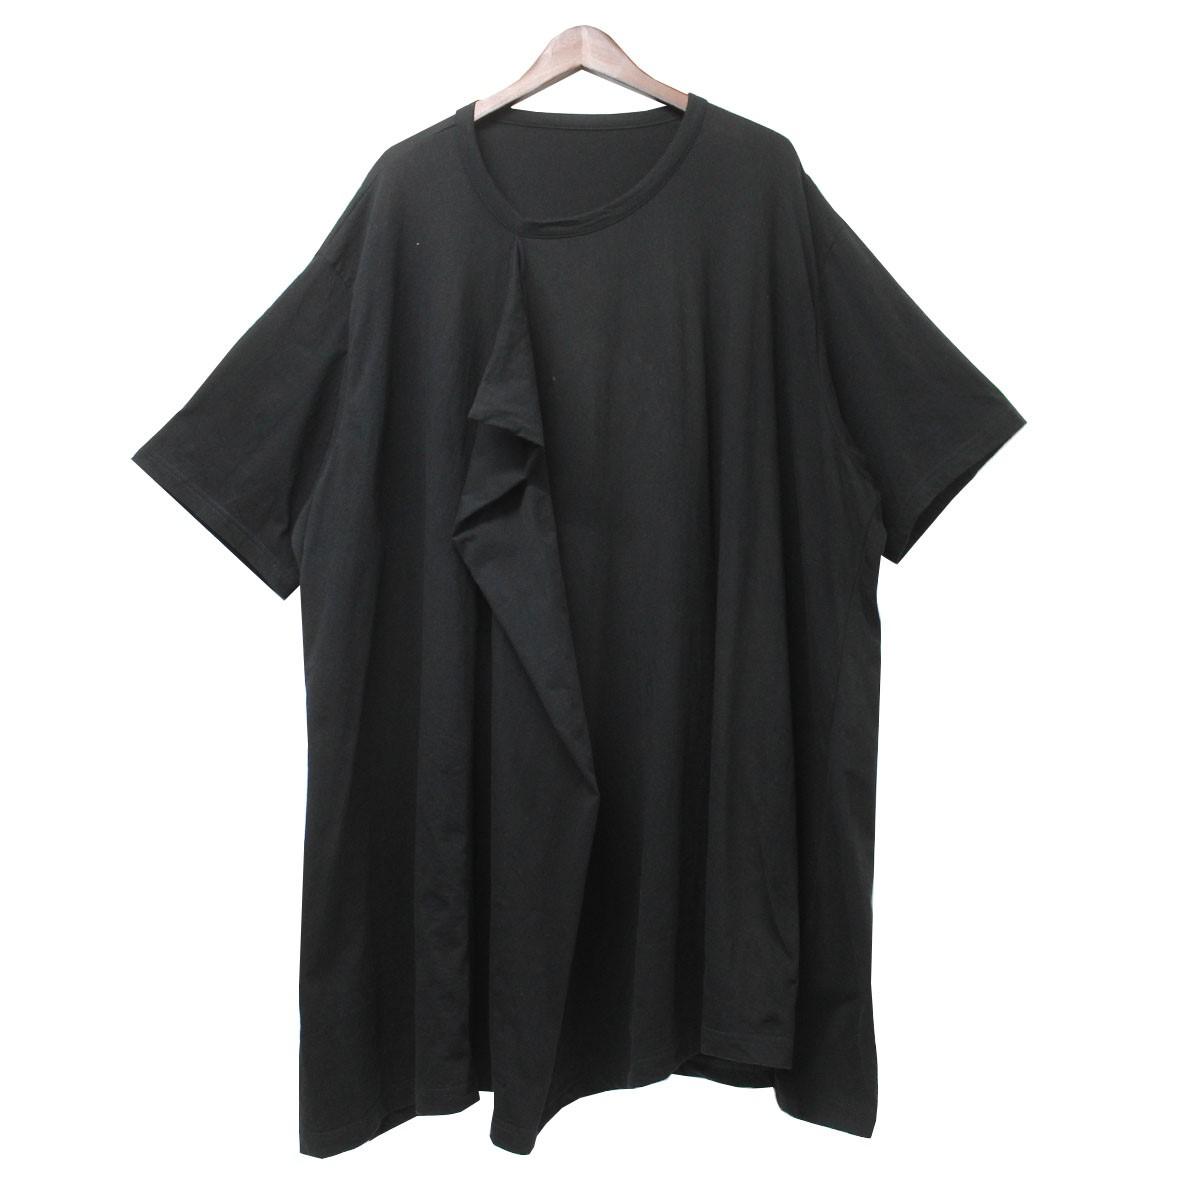 【あすつく】 【】Ground Y (Yohji Yamamoto)20SS フロントドレープビッグTシャツ ブラック サイズ:3 【9月28日見直し】, SENEN ZAKKA e05ade43